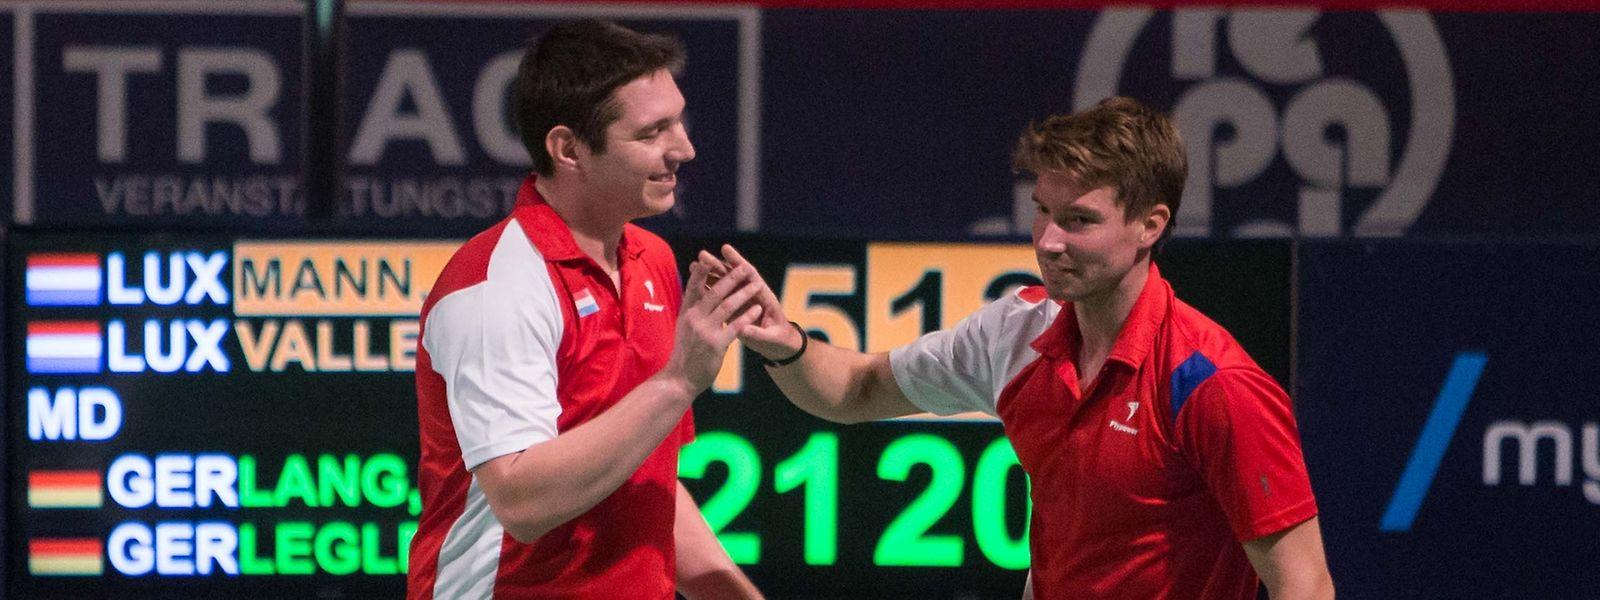 Die Erfahrung von Doppel-Spezialisten wie Mike Vallenthini (l., hier neben Robert Mann) wäre für die jungen Spieler extrem wertvoll.